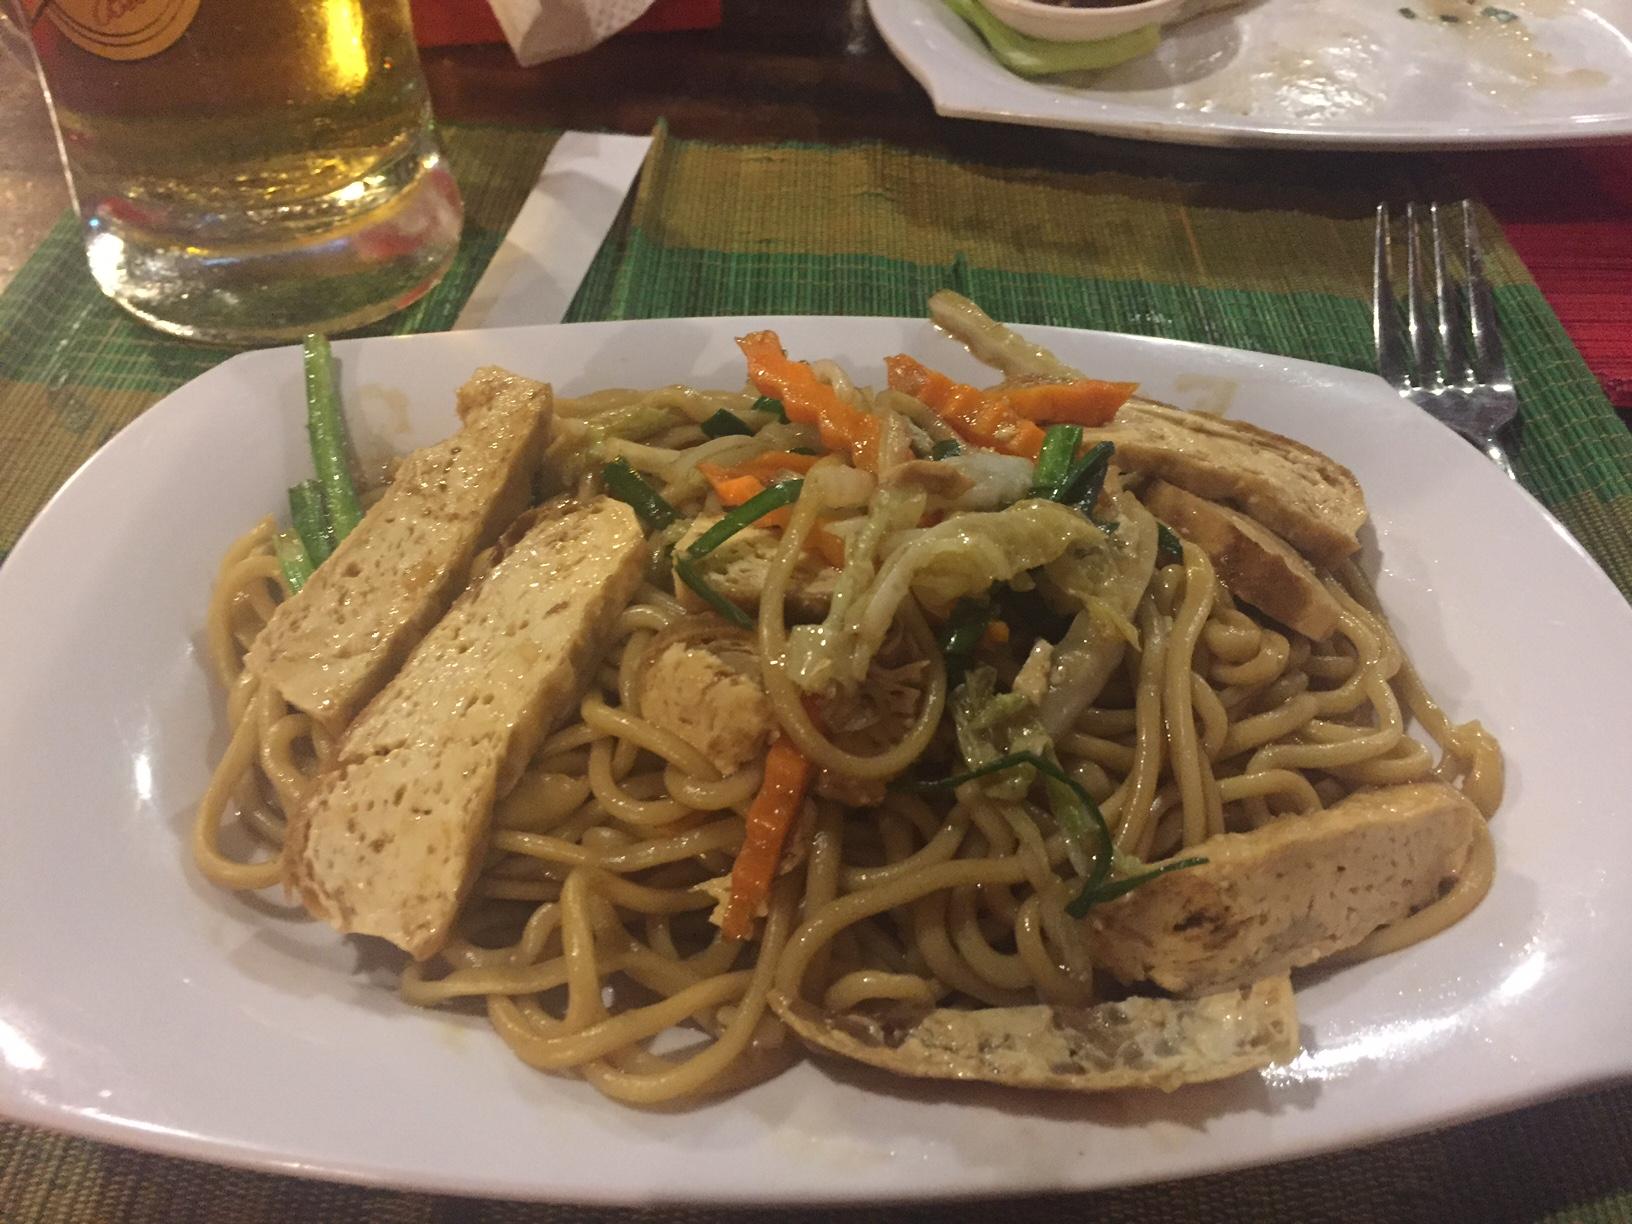 David's homemade noodles phnom penh